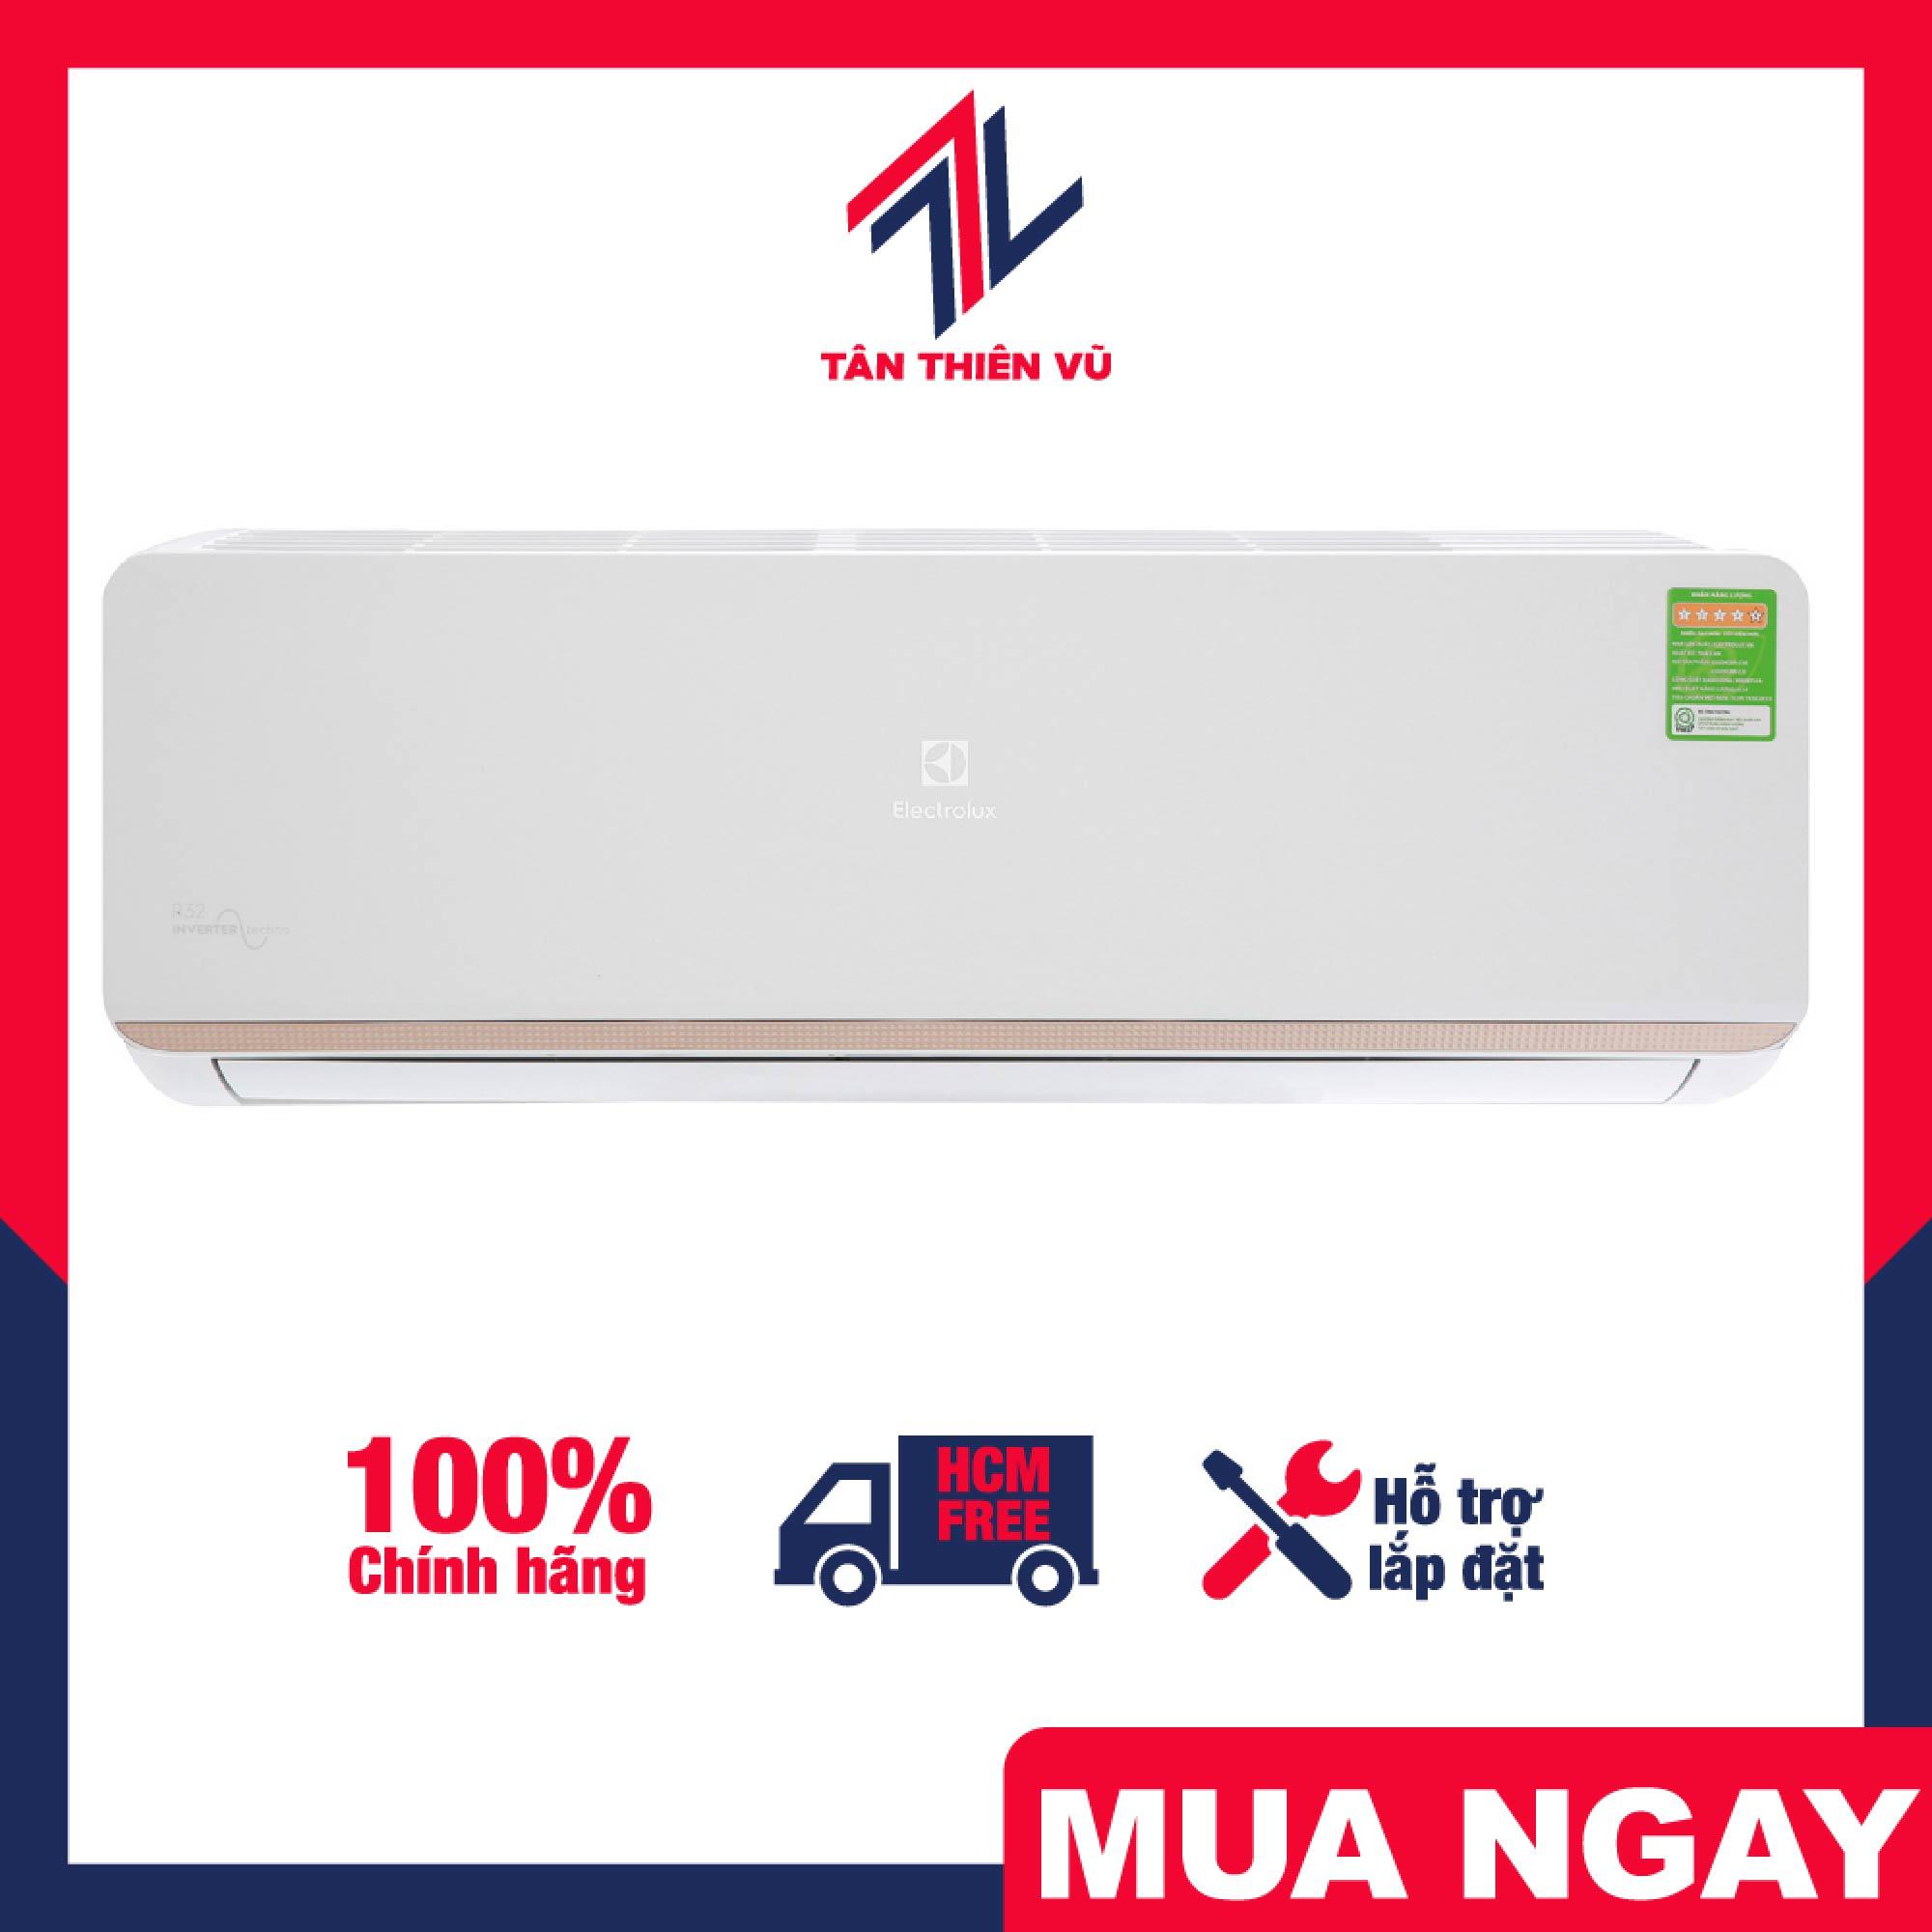 Trả góp 0% - Máy lạnh Electrolux Inverter 1 HP ESV09CRR-C6, sở hữu thiết kế hiện đại nhưng không kém phần tinh tế cùng với màn hình hiện thị nhiệt độ trên dàn lạnh - Miễn phí vận chuyển HCM